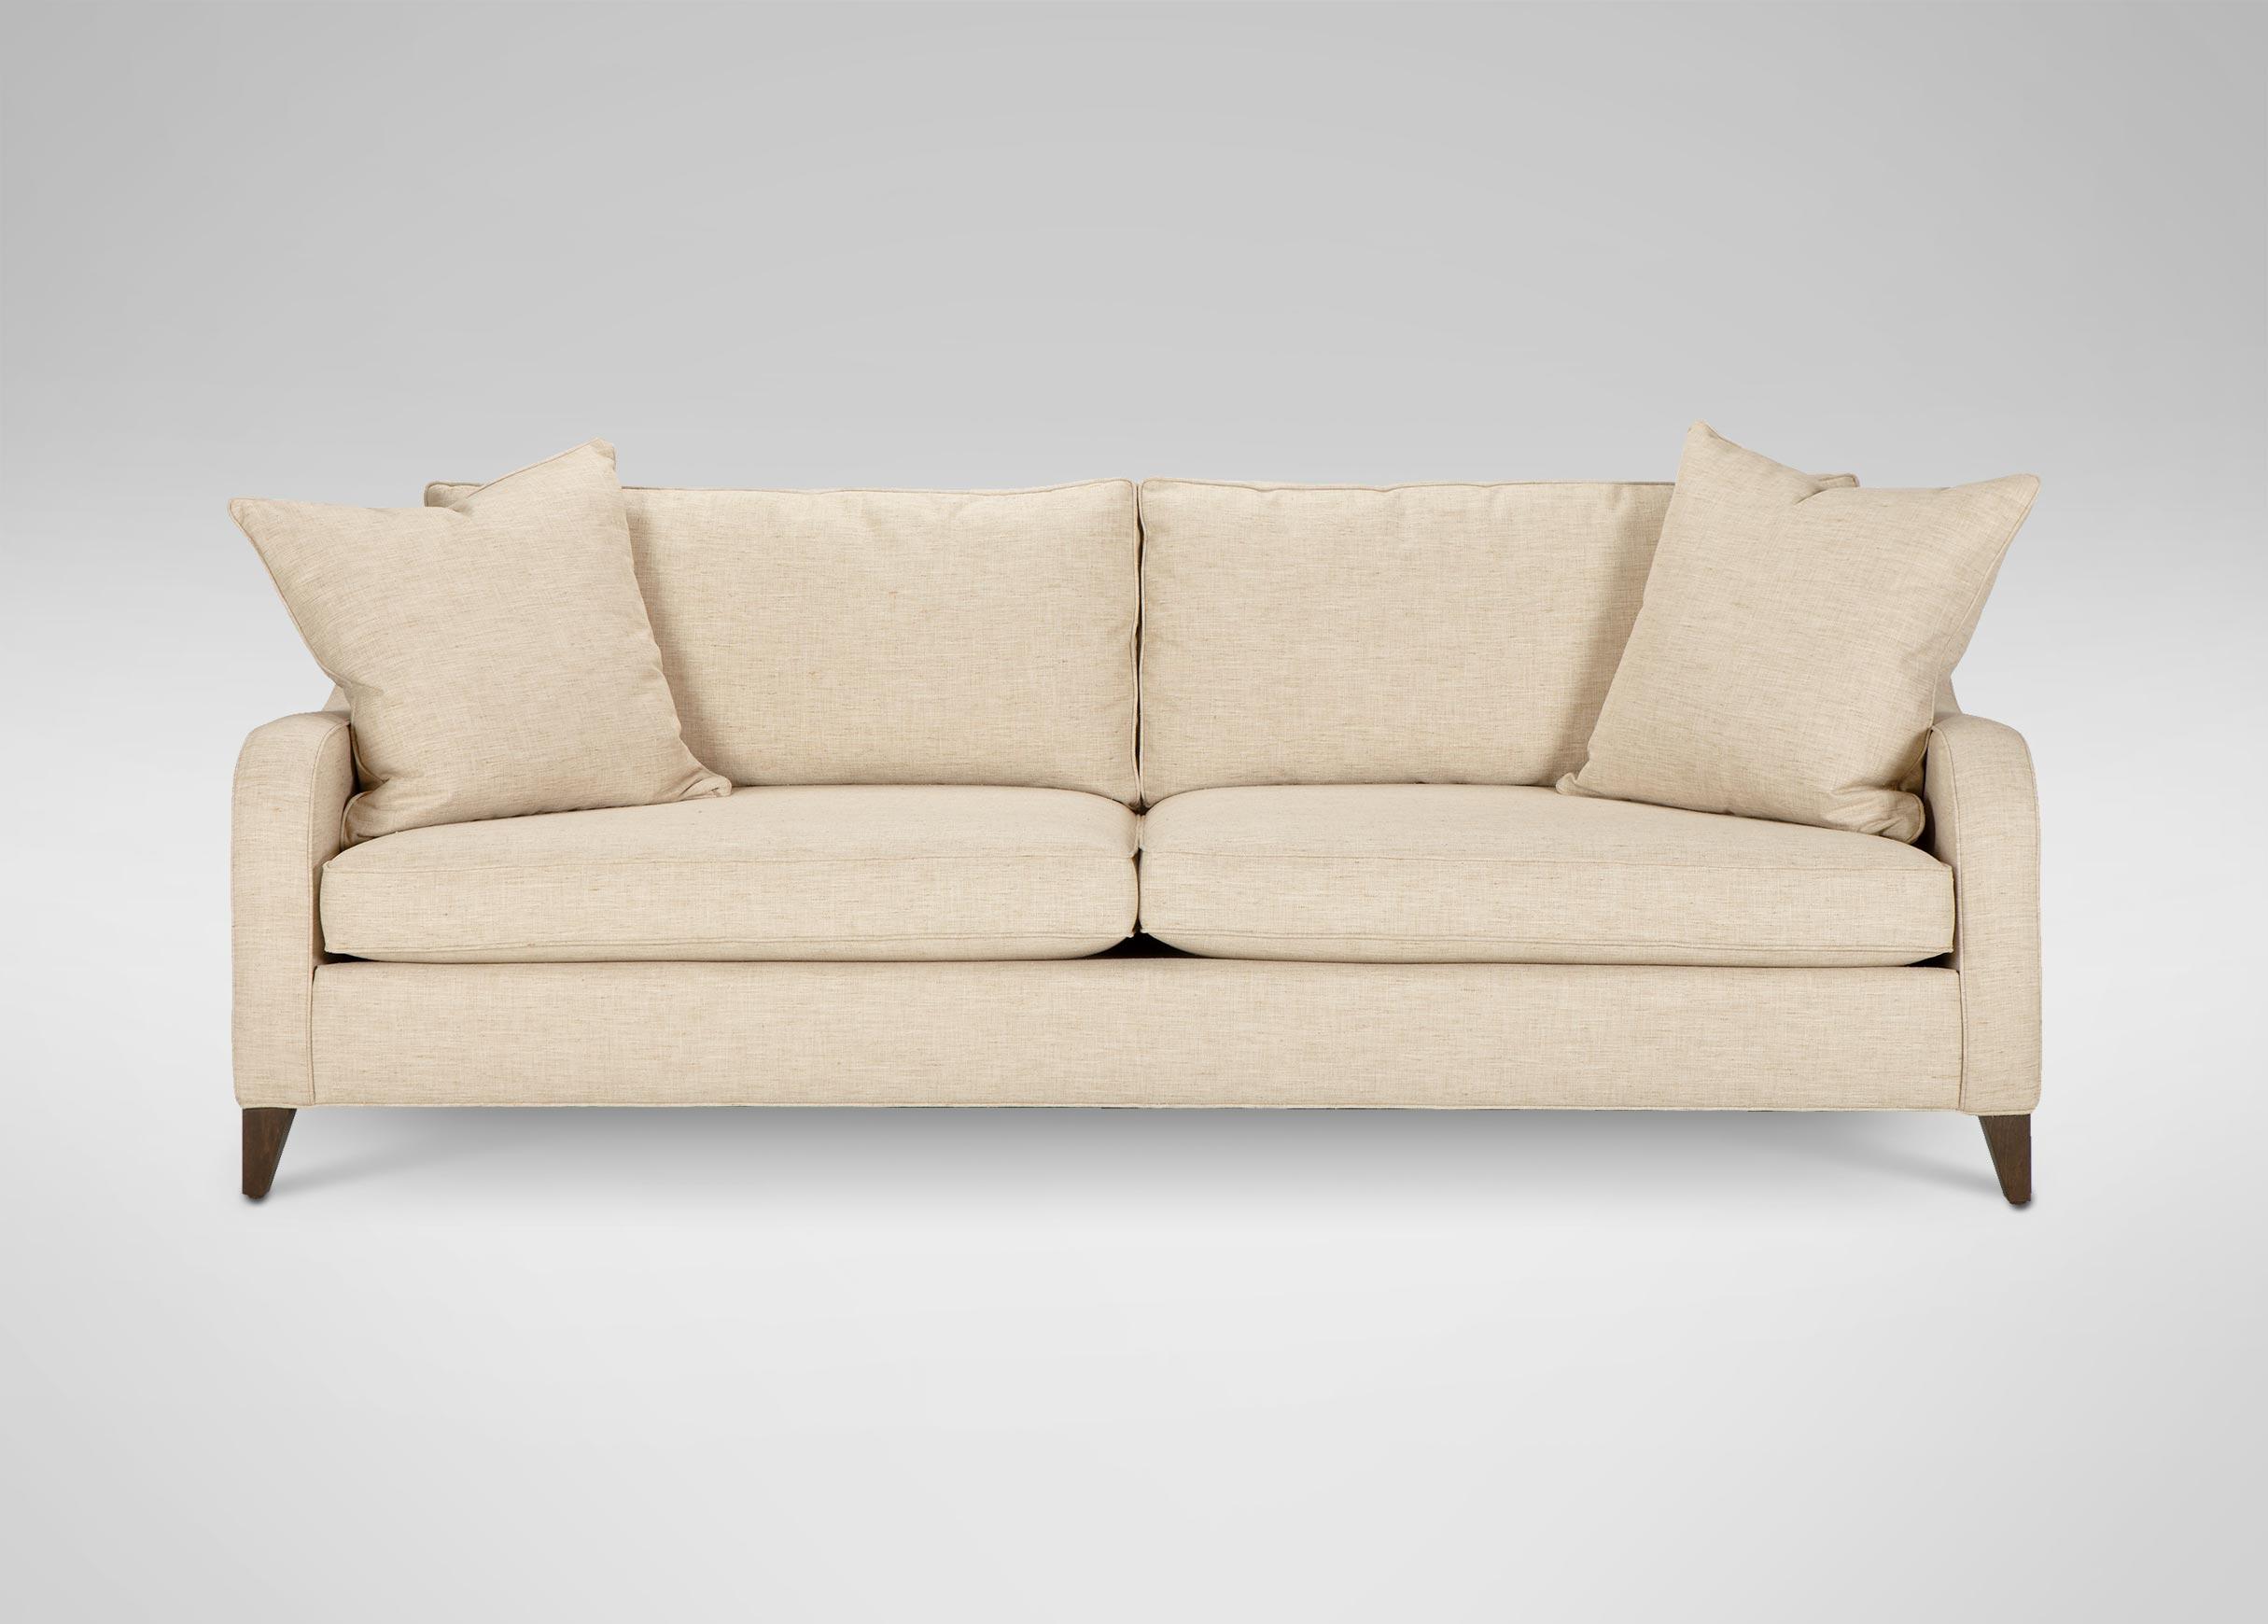 dylan sofa sofas loveseats ethan allen. Black Bedroom Furniture Sets. Home Design Ideas